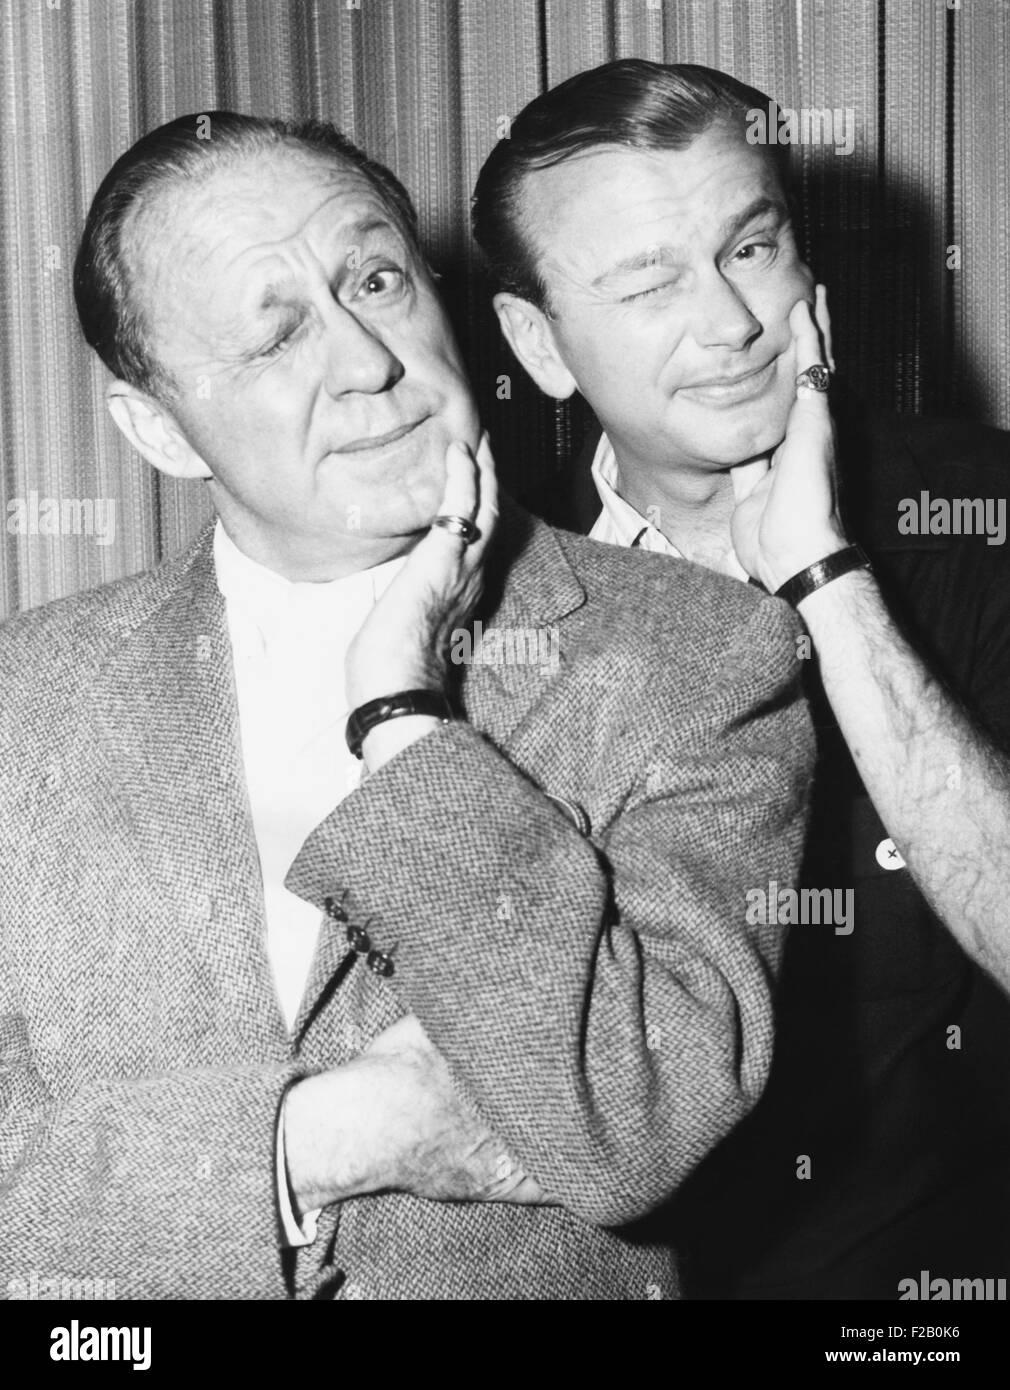 Jack Benny y Jack Parr posan con expresiones faciales similares, el 2 de diciembre de 1959. Paar la carrera dio Imagen De Stock